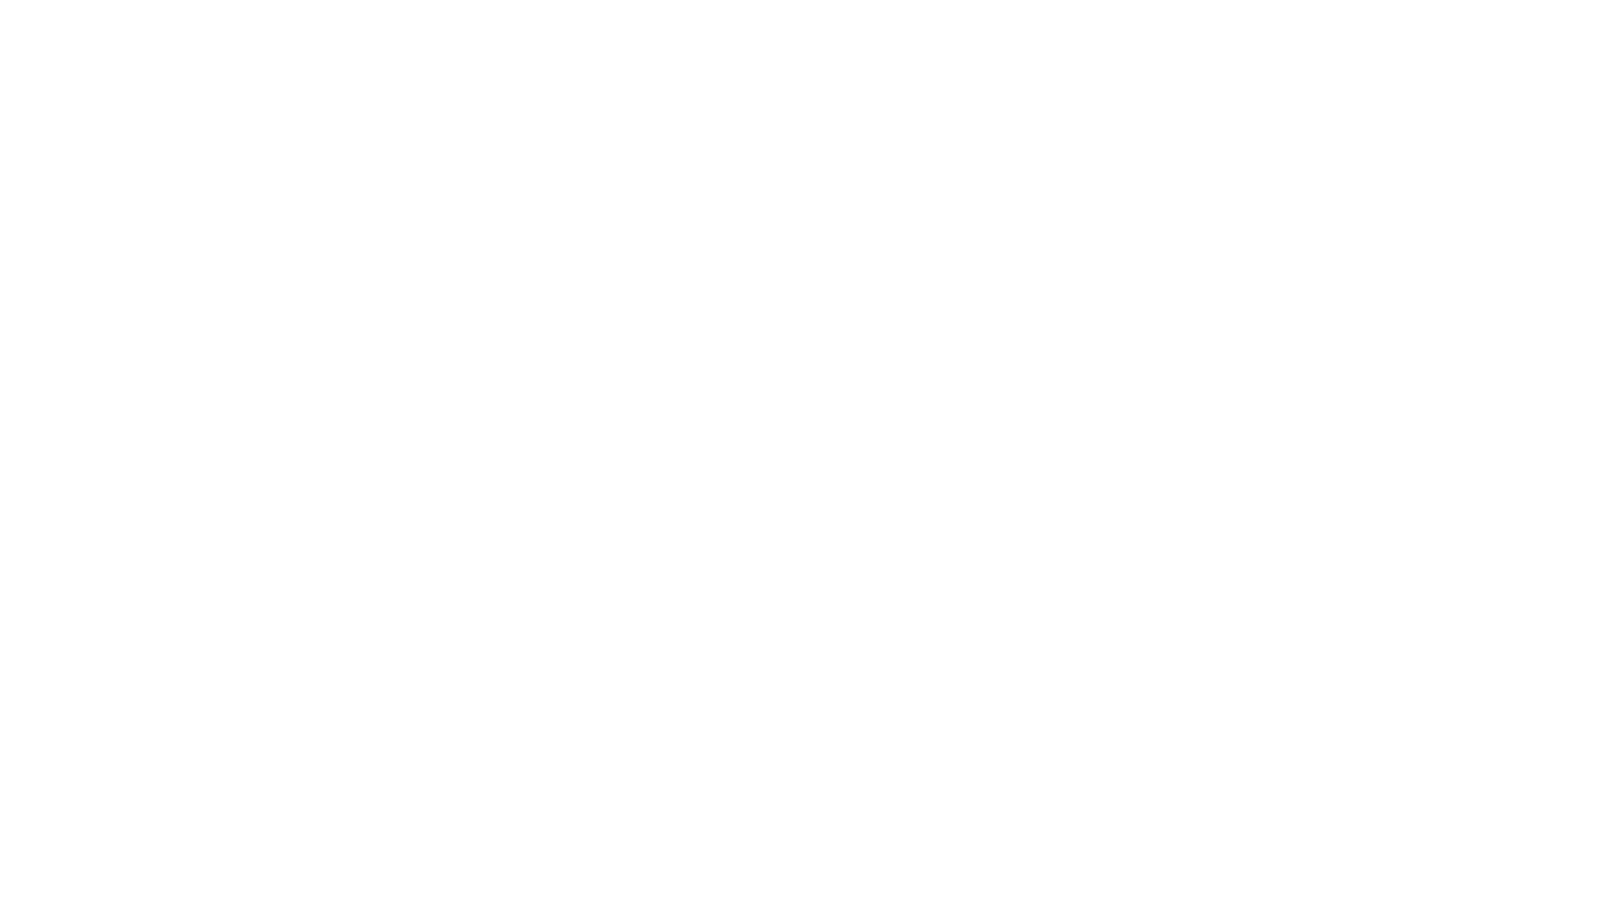 Moderator Iulian Petre, director UNOPA  Vorbitori invitați Emanuel Botnariu, președintele Consiliului de Monitorizare, Maria Alexandra Cîmpean, Instituția Avocatul Poporului Cristian Gelea, șef evaluare complex adulți, Direcția Generală de Asistență Socială și Protecția Copilului Sector 4